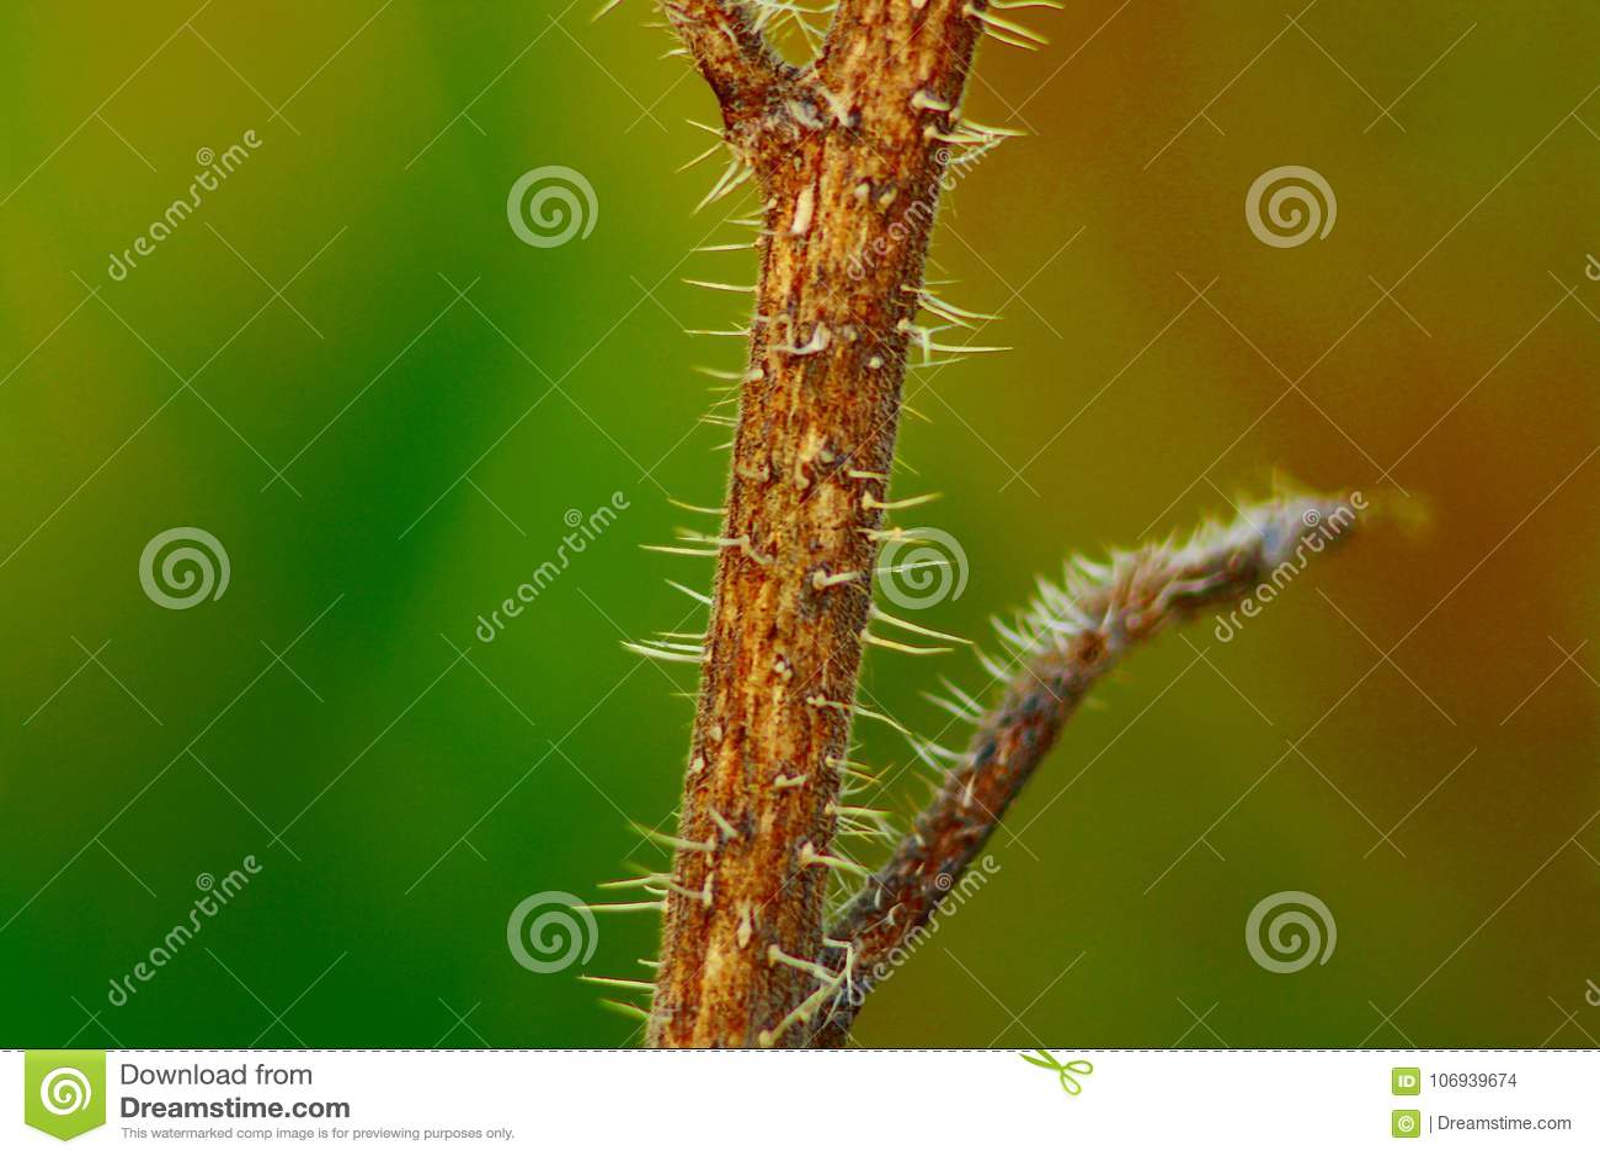 Usine herbeuse annuelle typique de la péninsule italienne